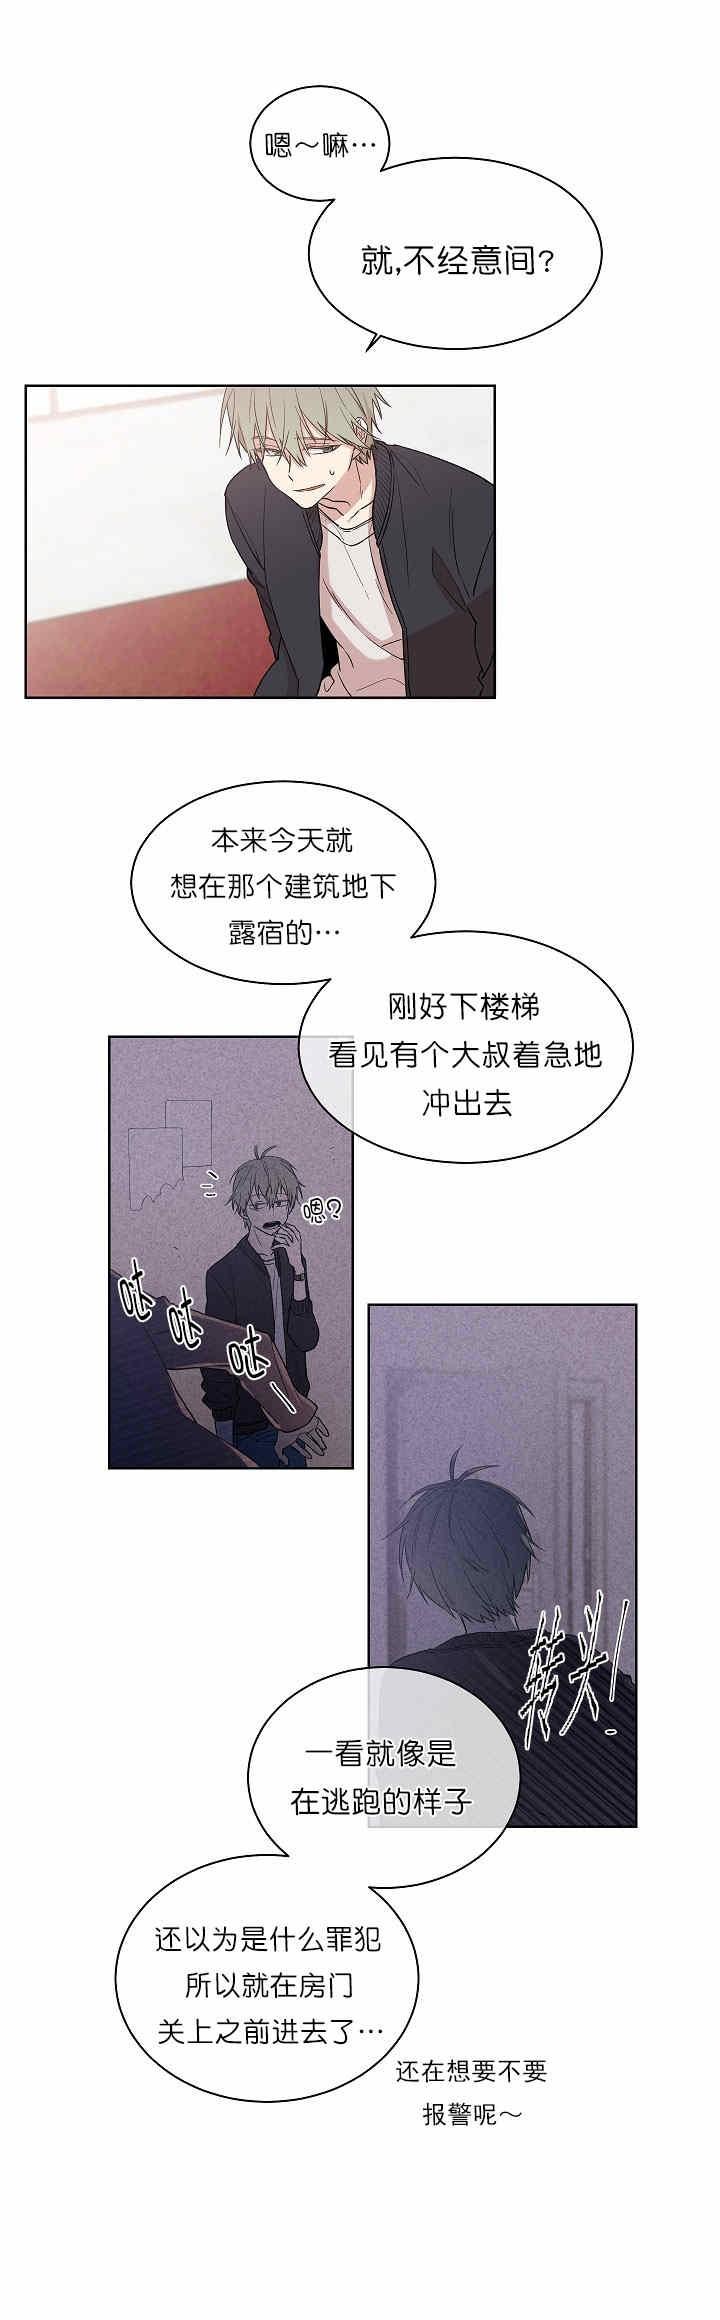 圈套-漫画完整版资源汉化_全集免费阅读-啵乐漫画